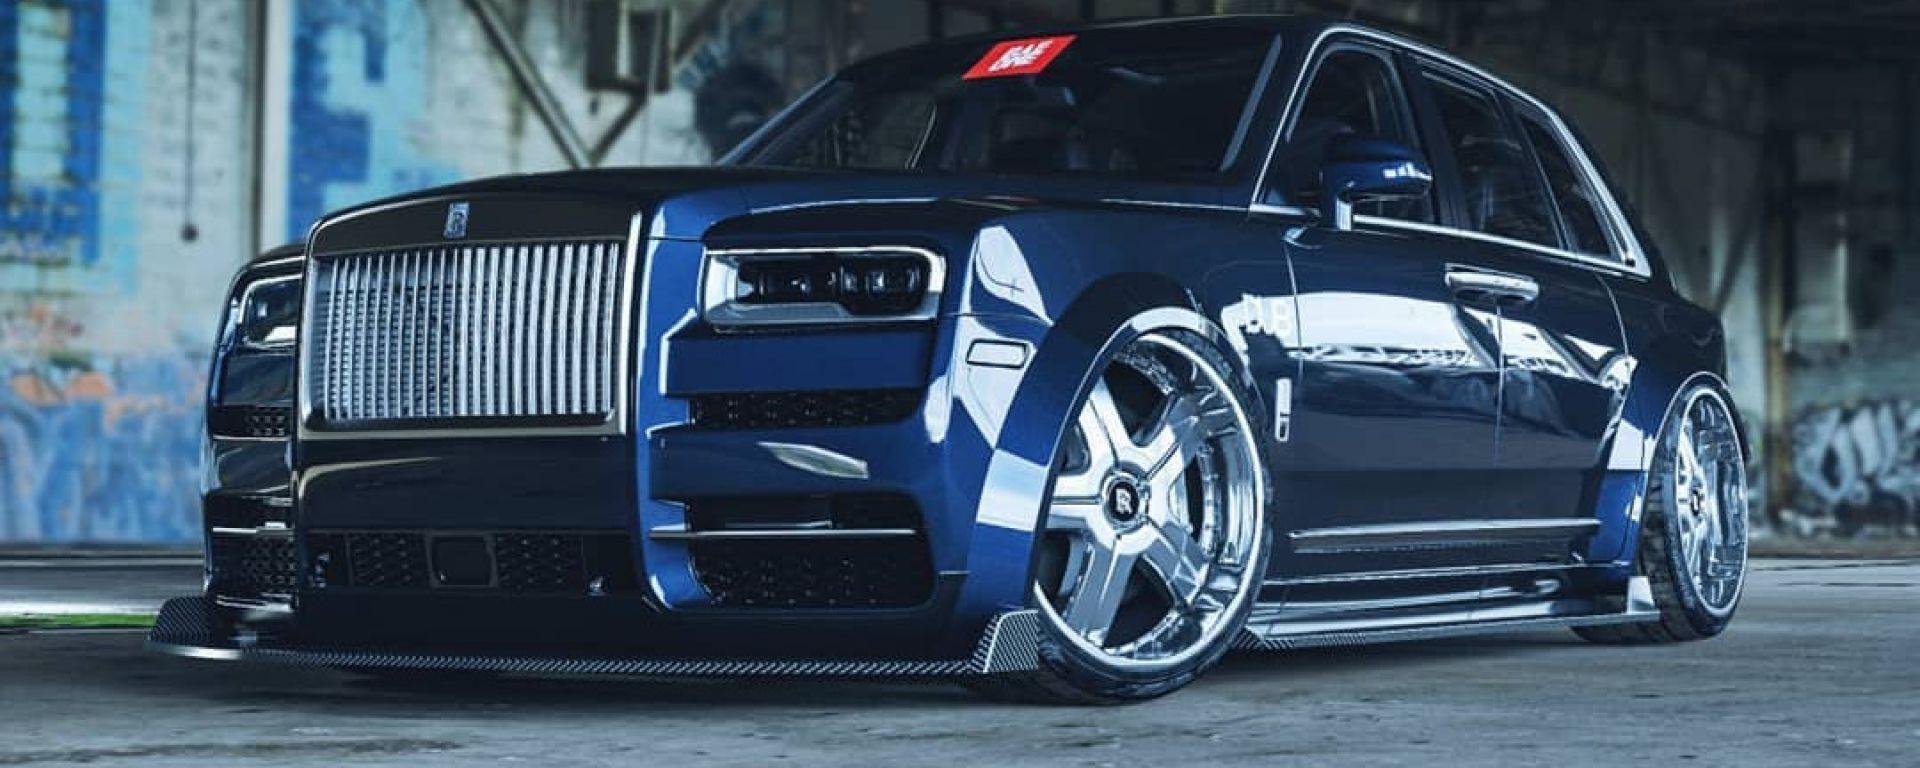 Rolls Royce Cullinan Dub Edition: pimp my Rolls?